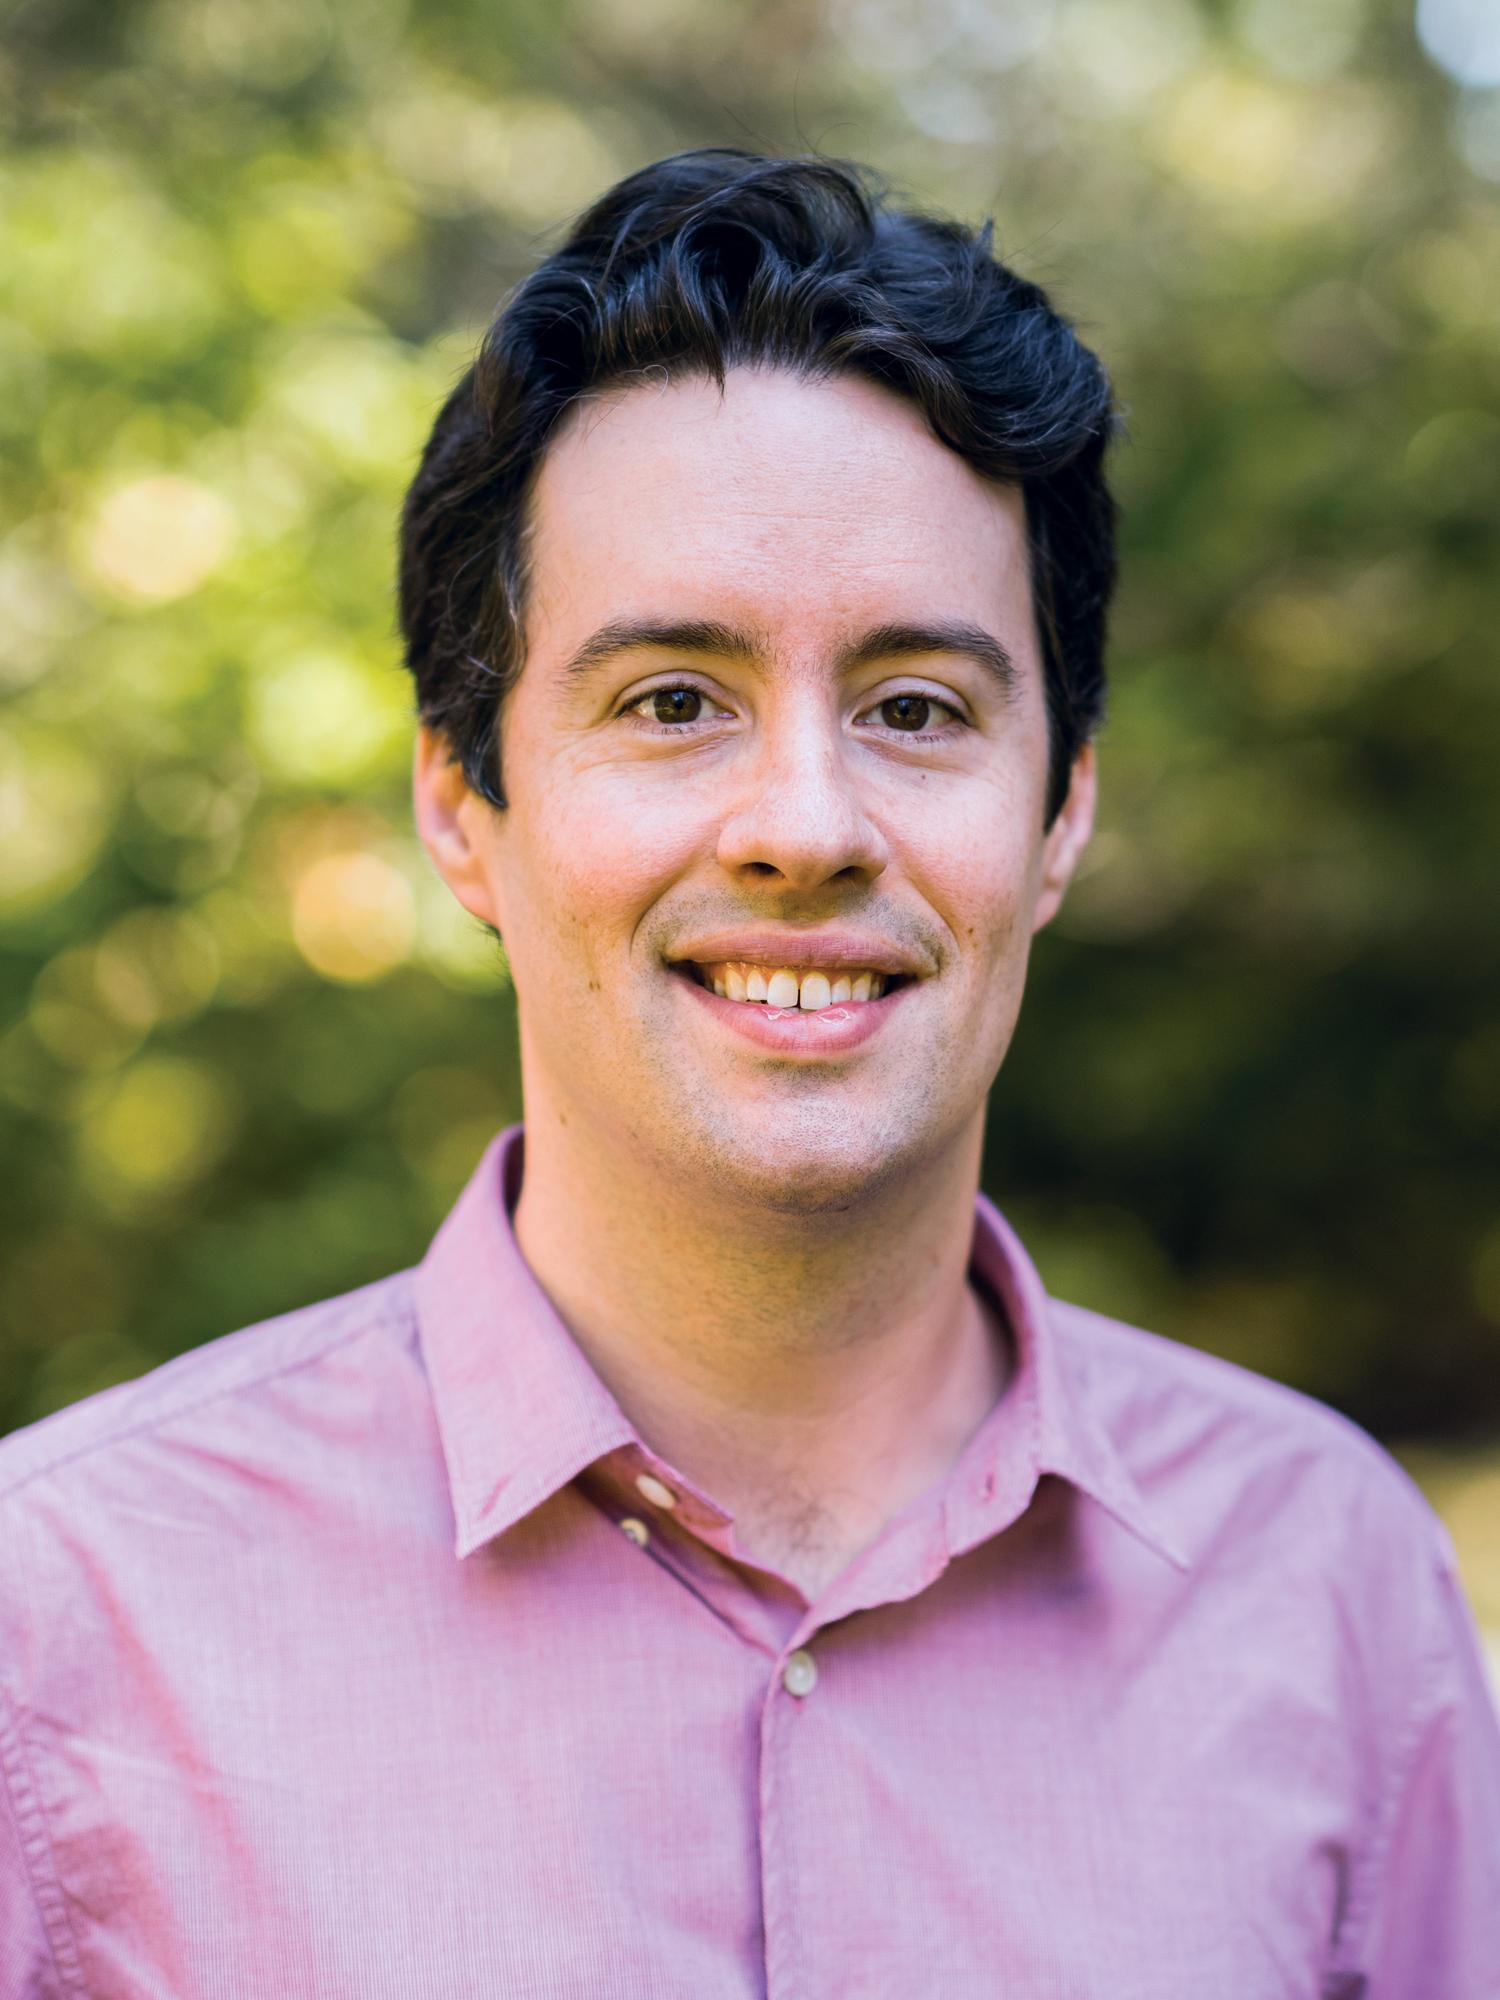 Daniel Harlow